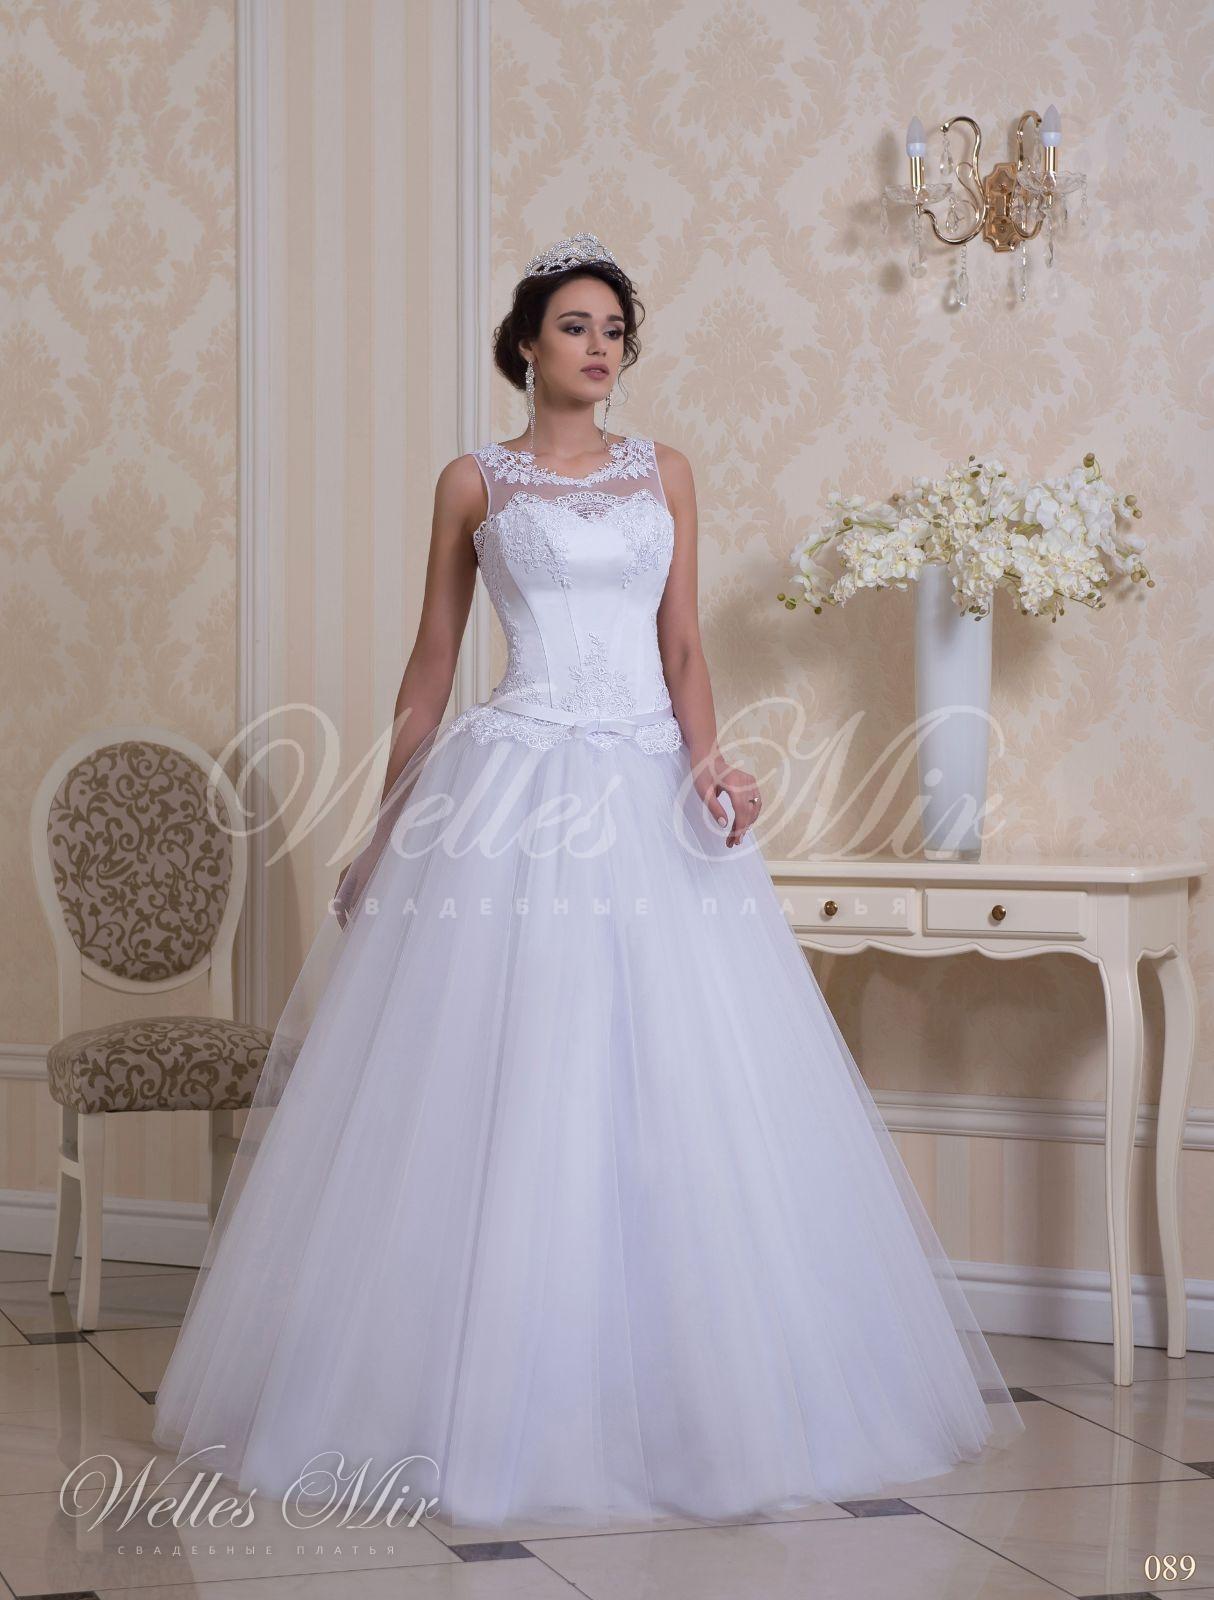 Свадебные платья Charming Elegance - 089